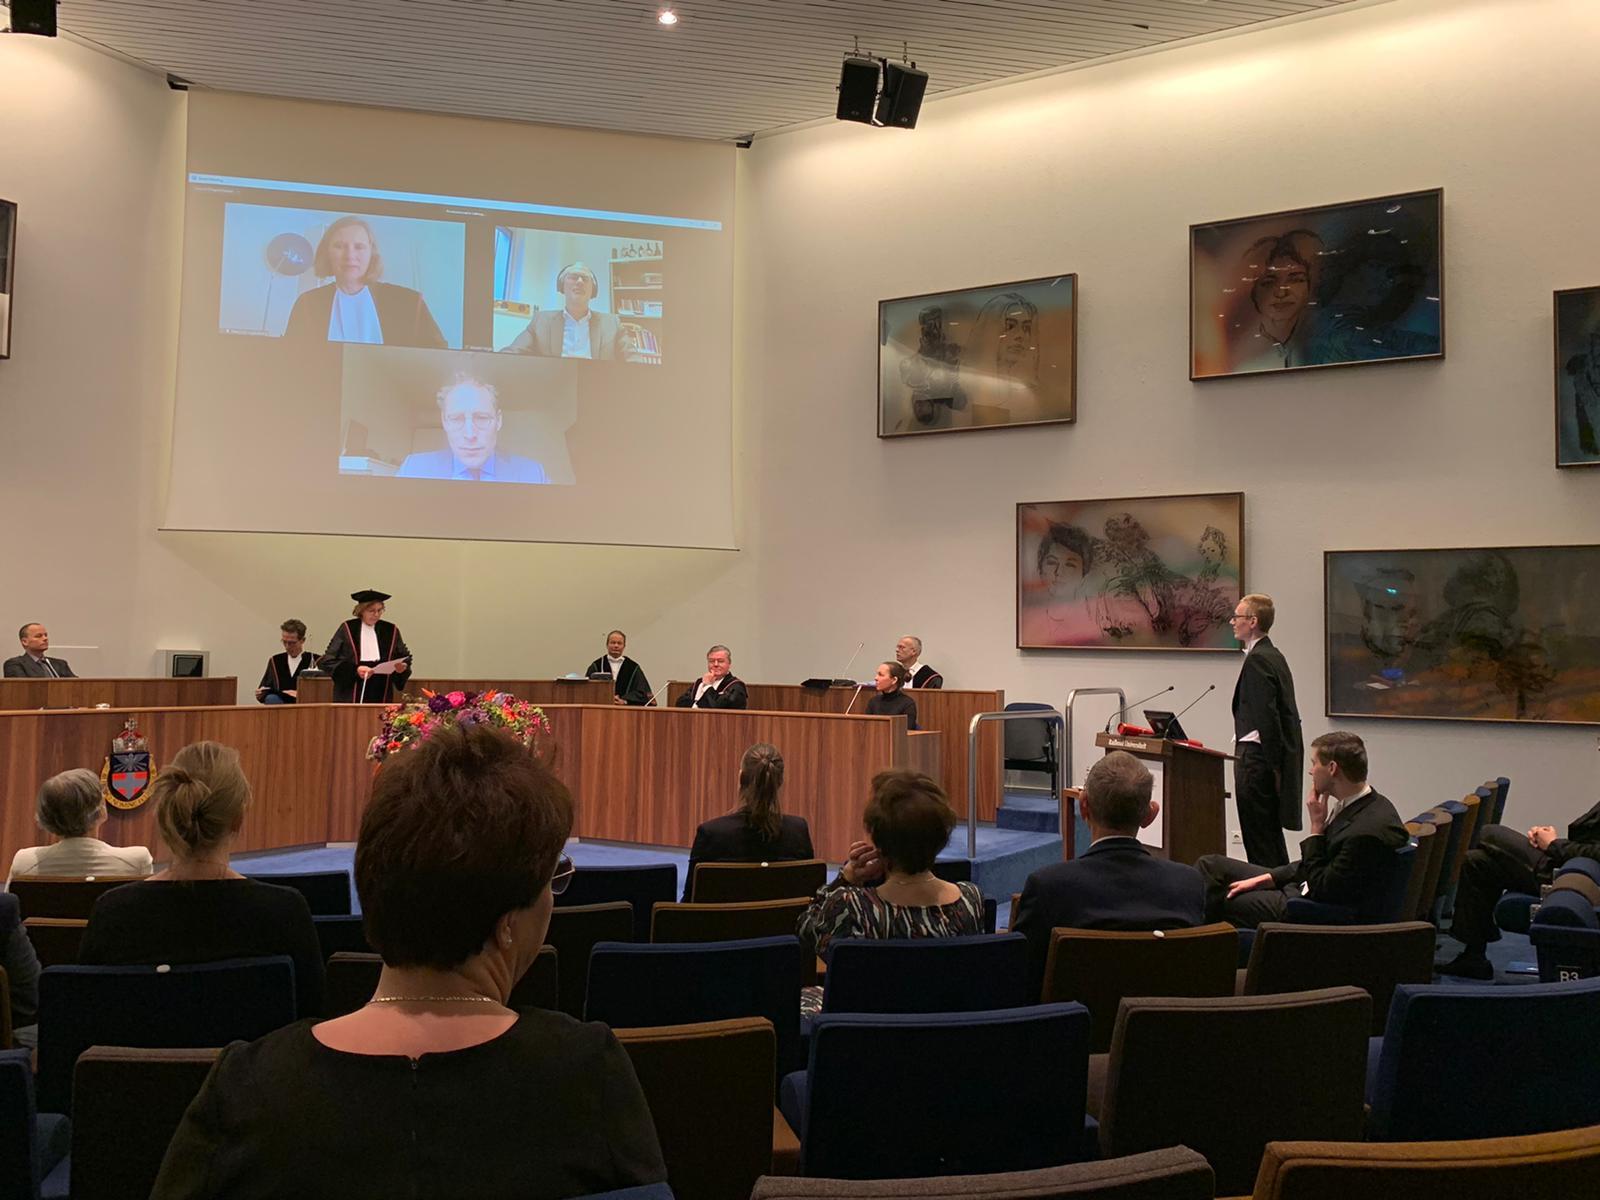 Verdediging proefschrift Wim van Boxtel